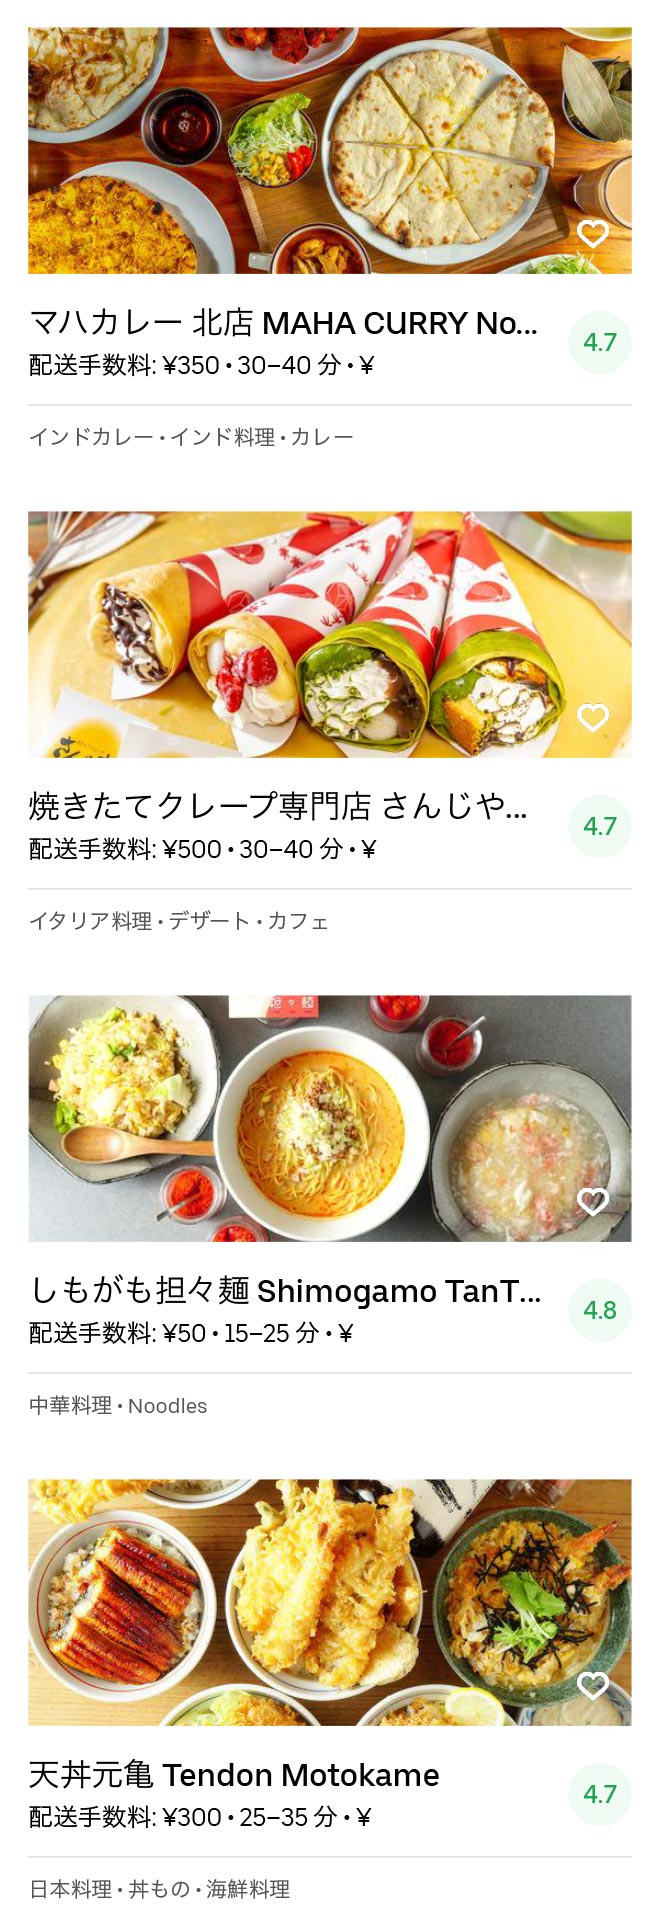 Kyoto kitaoji menu 2005 12